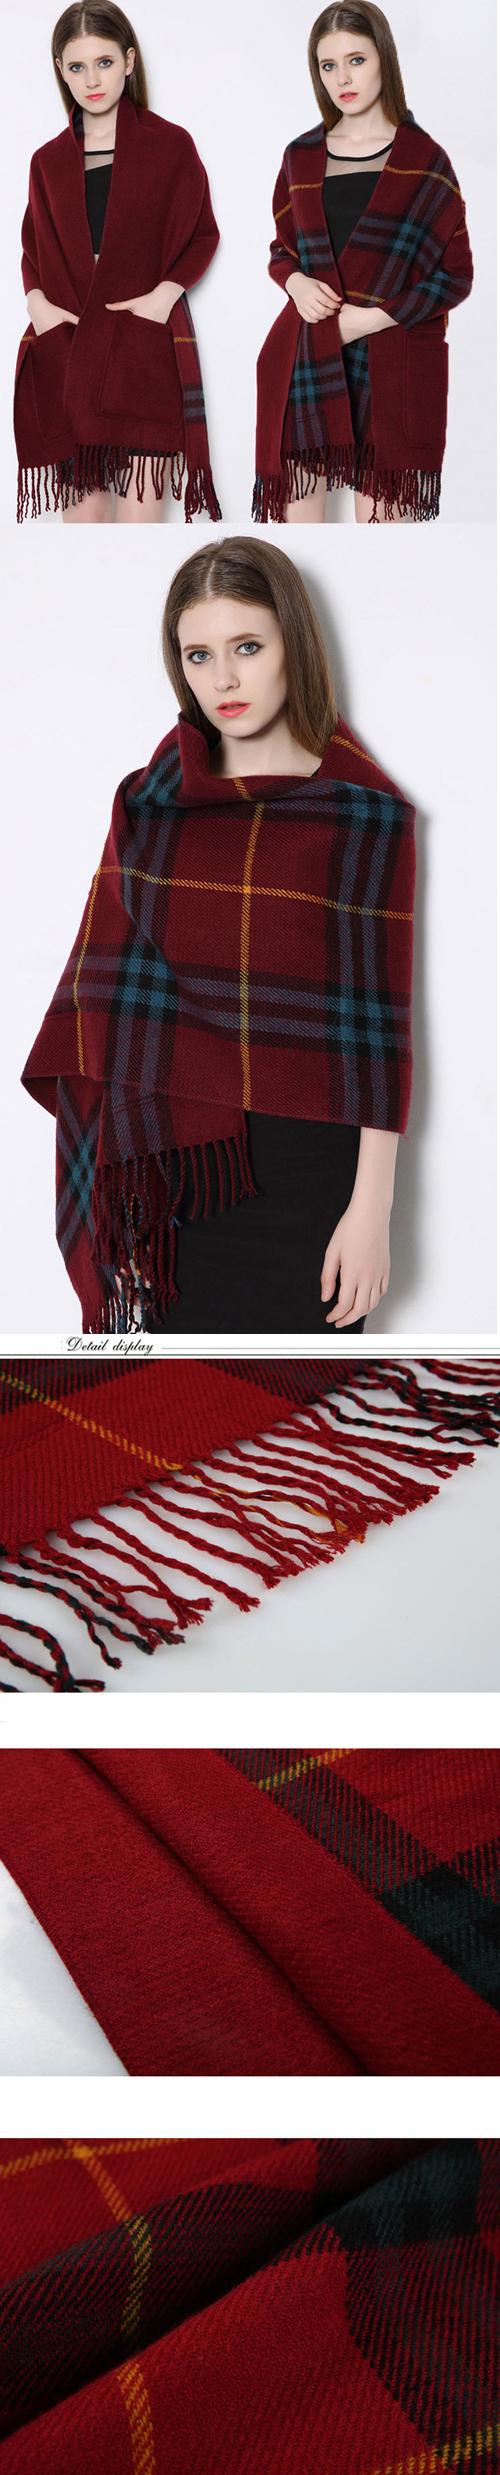 scarf-details-format-web.jpg